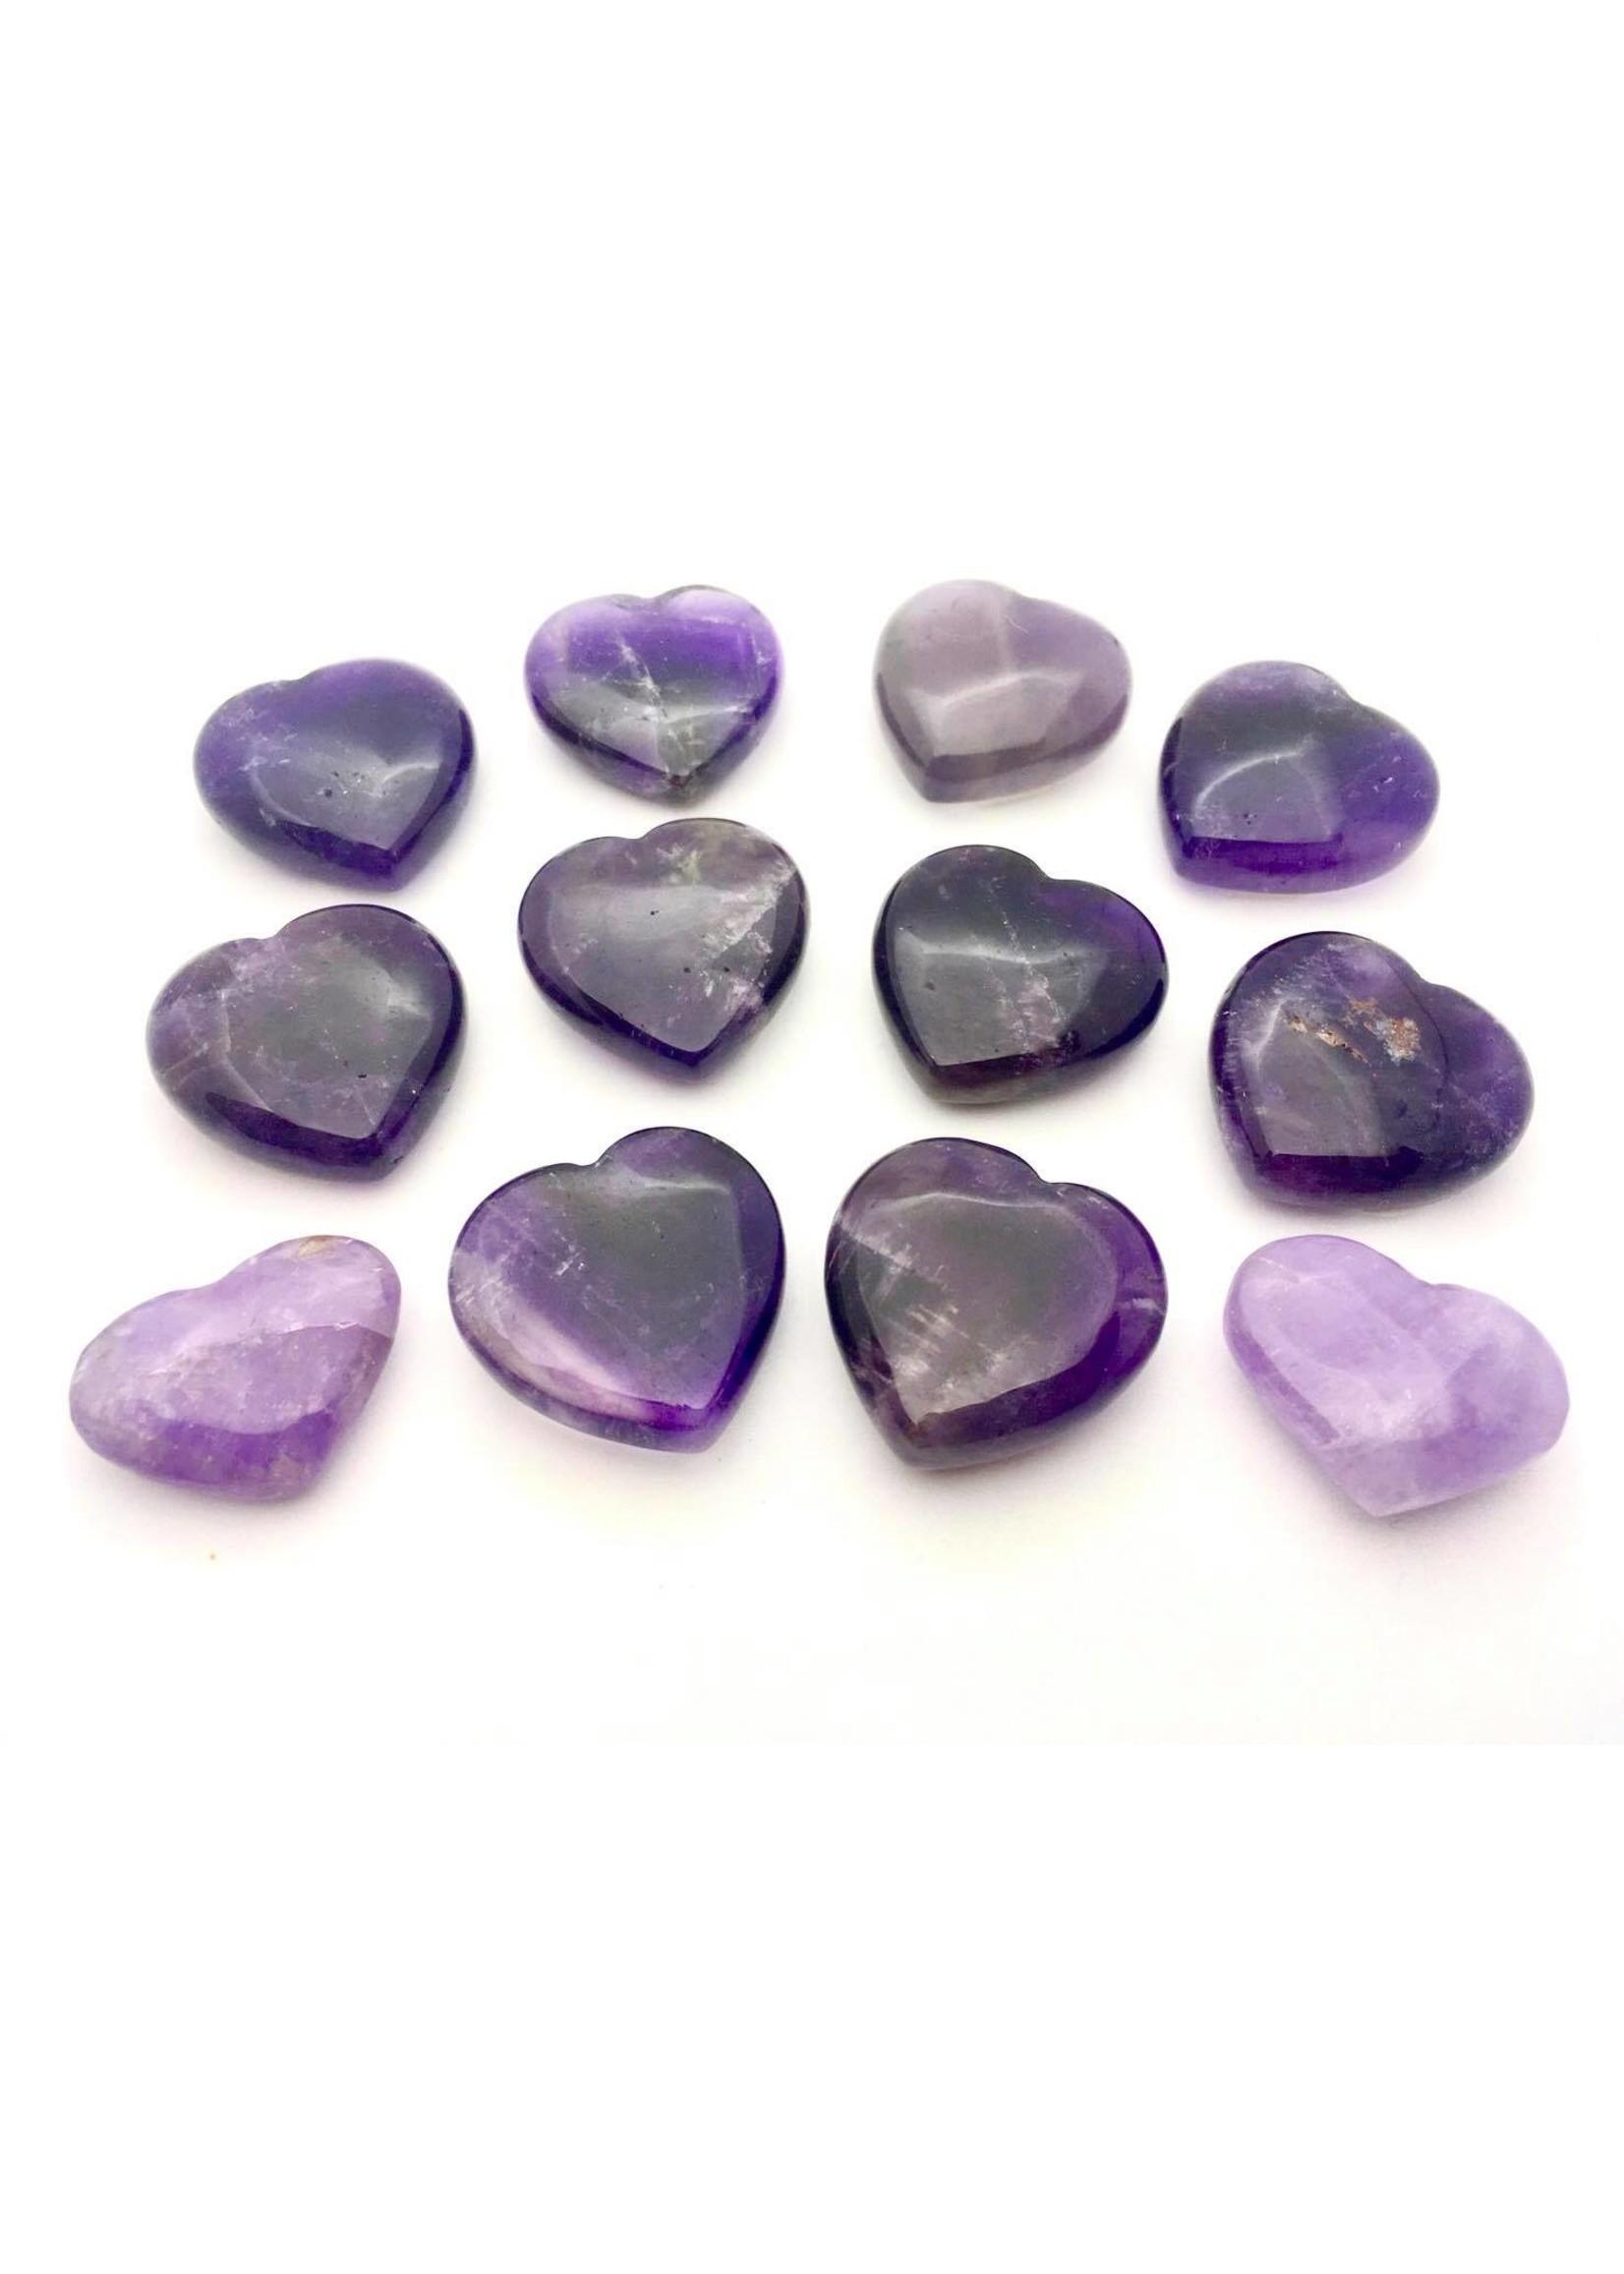 Natural Cut Crystals